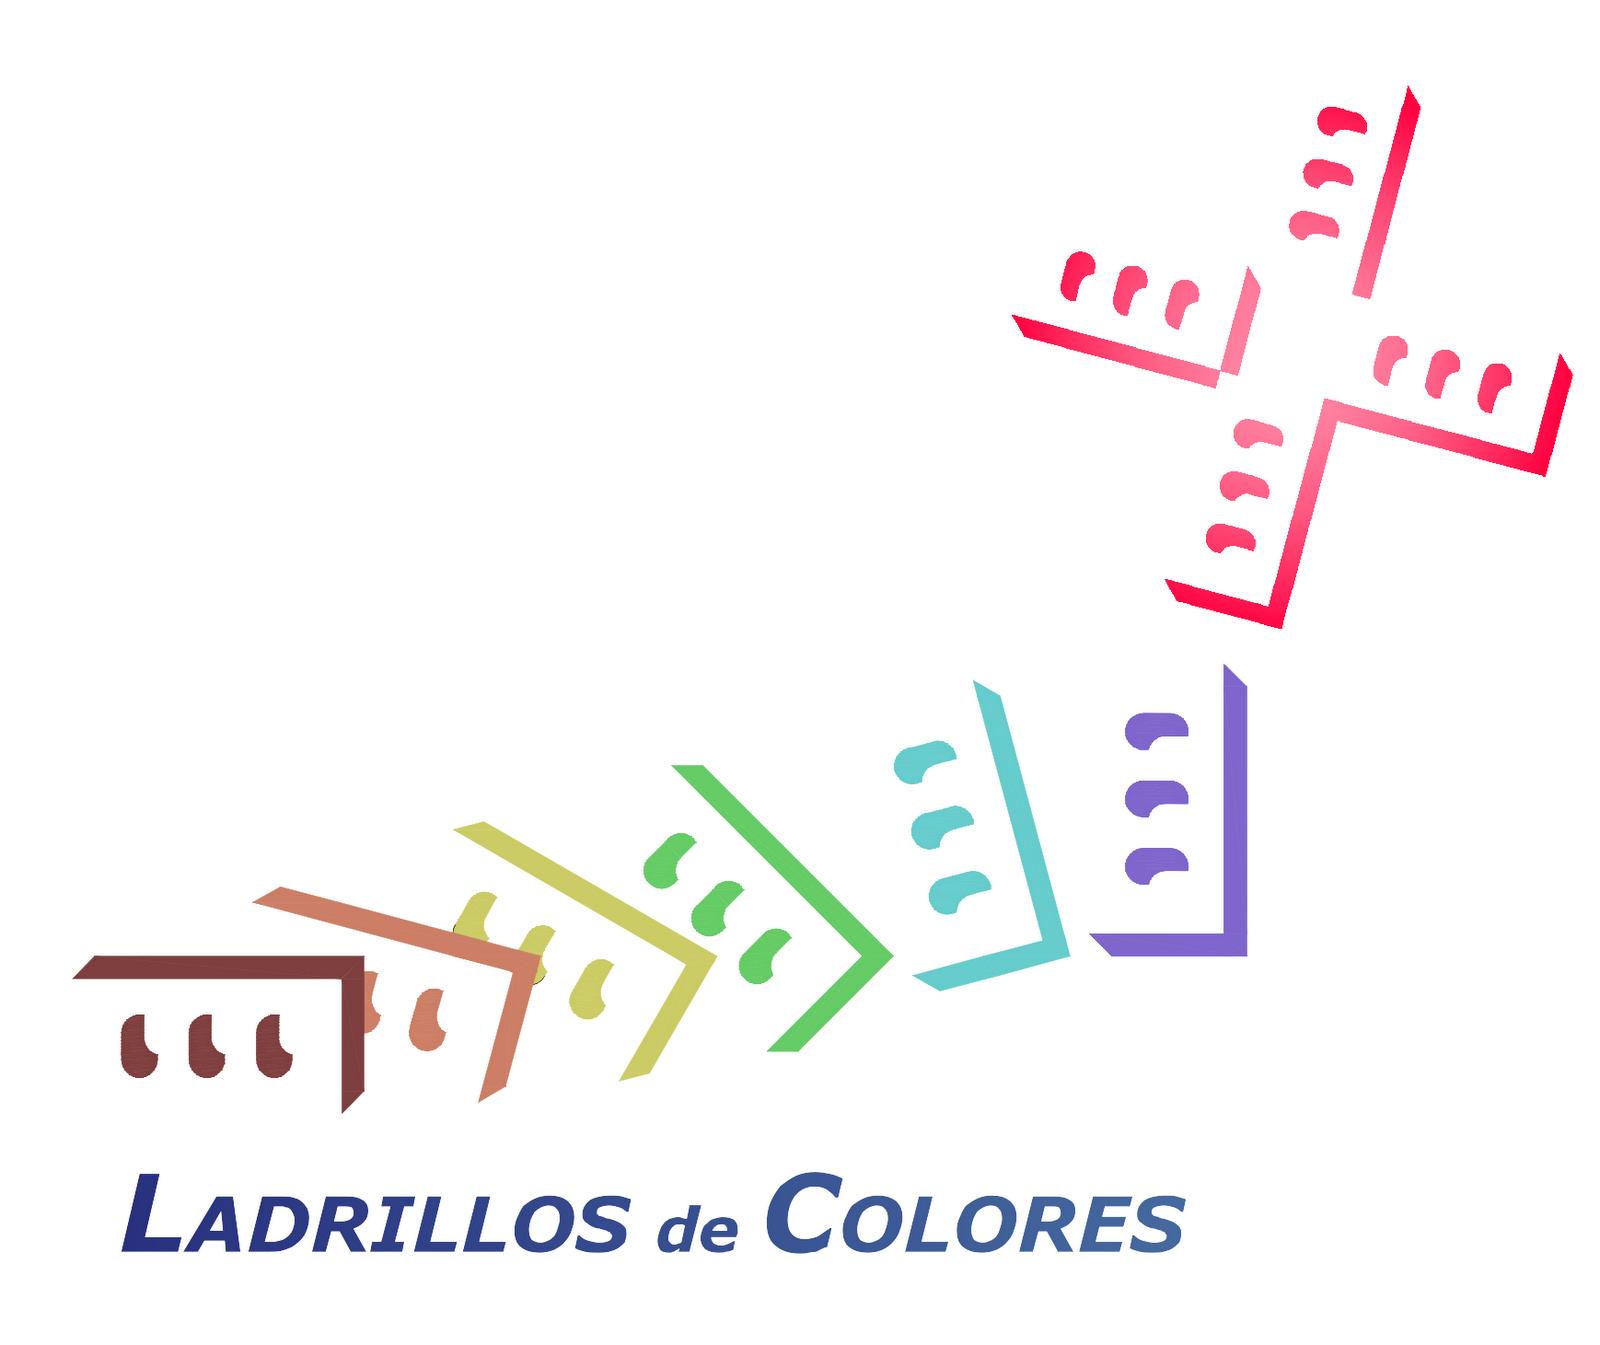 Cursillos de cristiandad sevilla no oficial ladrillos - Ladrillos de colores ...